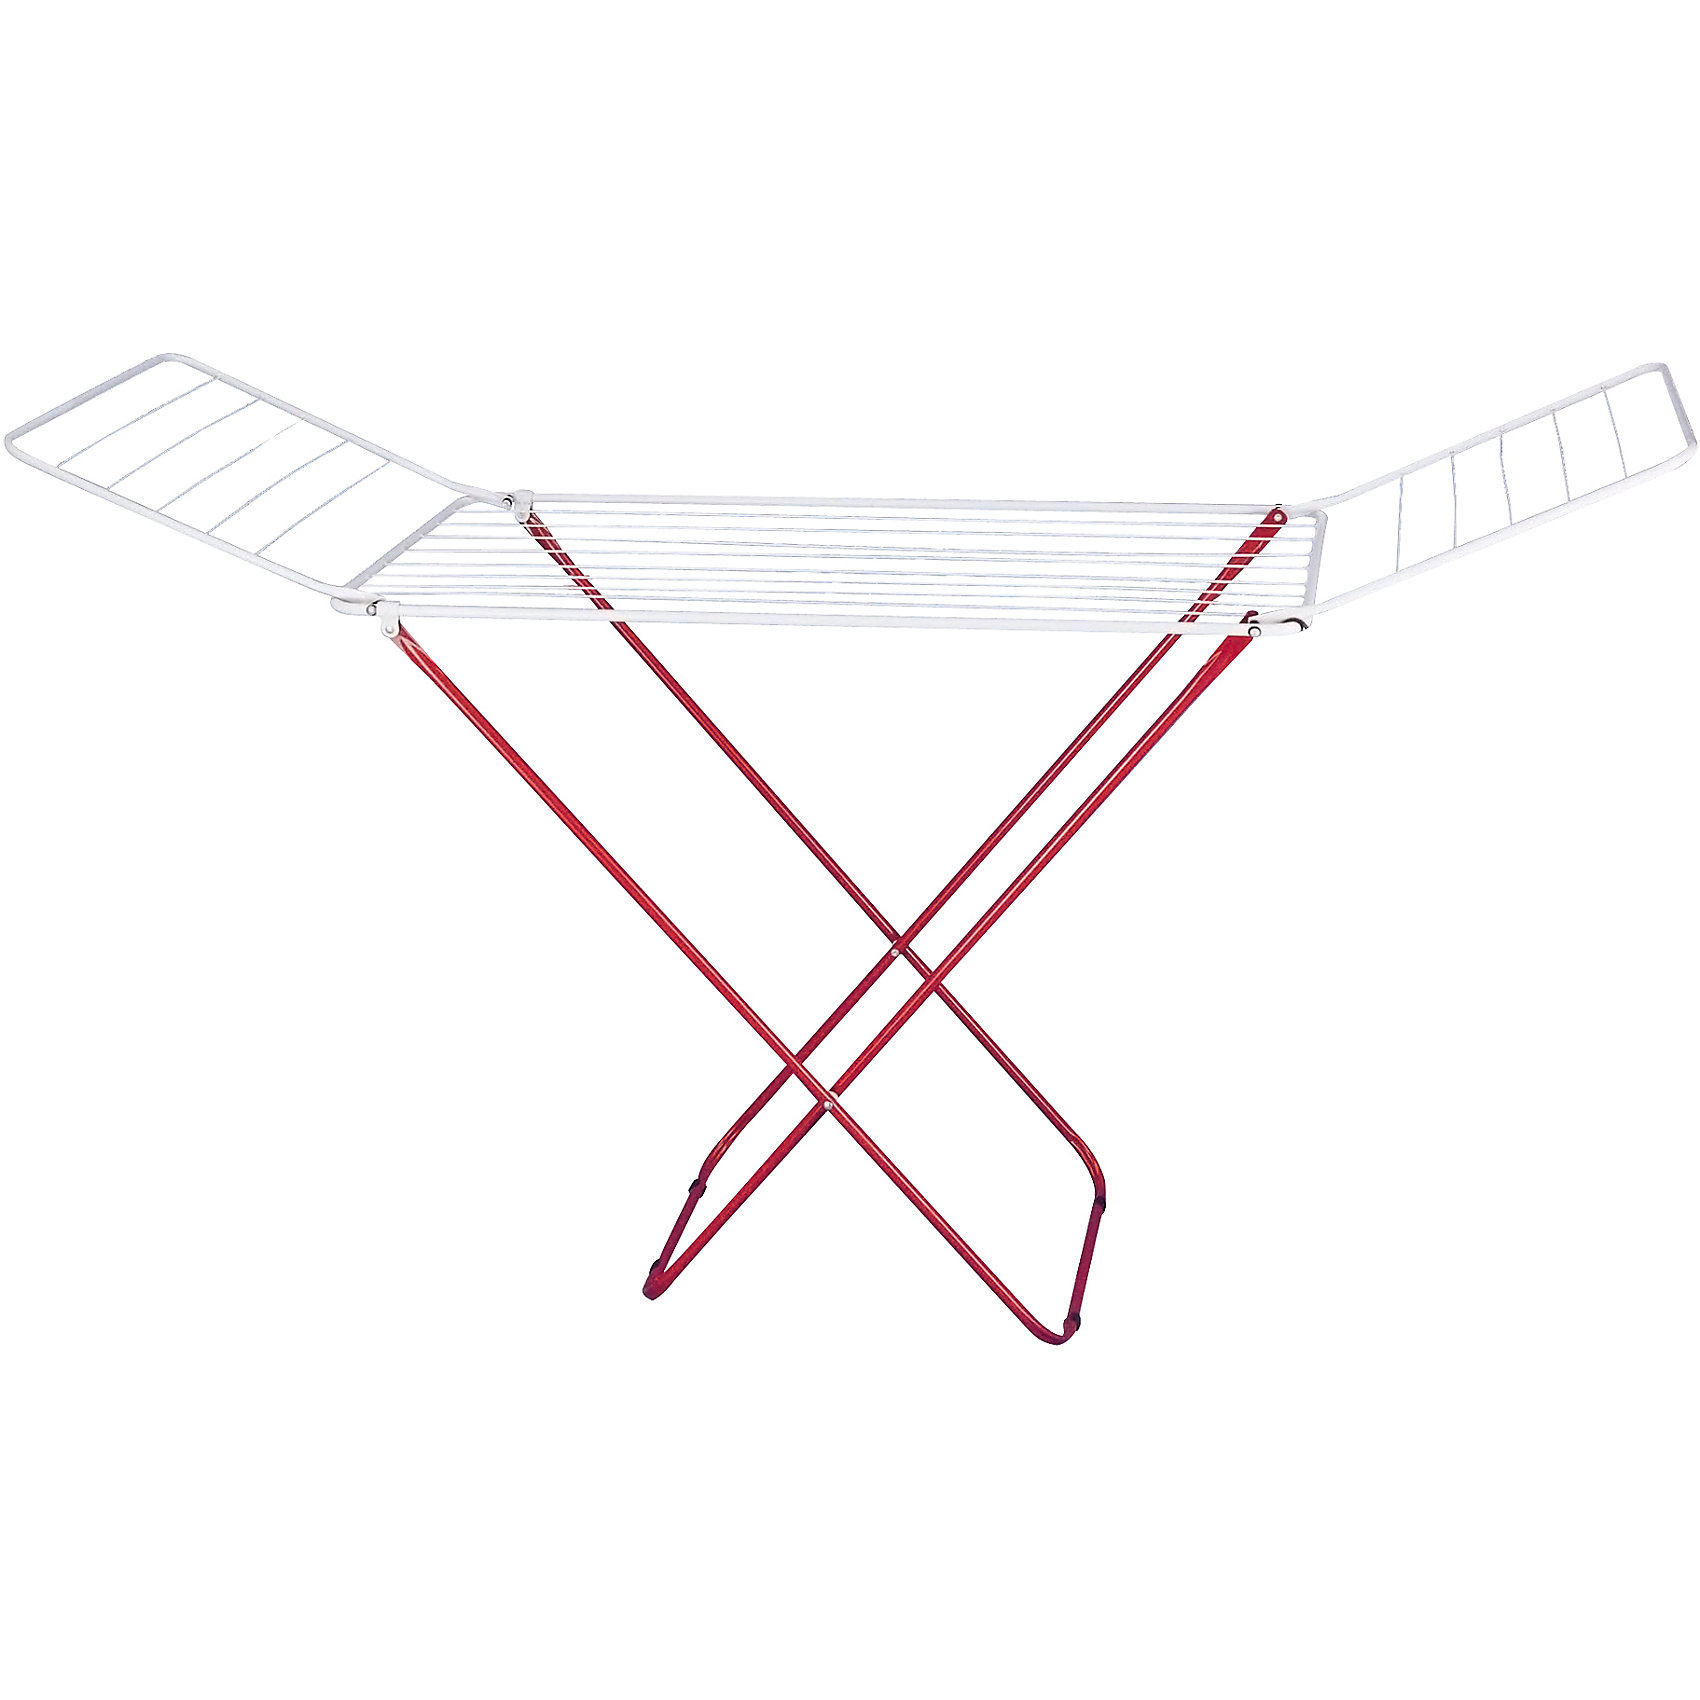 Сушилка для белья CD-20 (20м, напольная), Рыжий котВанная комната<br>Сушилка для белья CD-20 (20м, напольная), материал: окраш. металл<br><br>Ширина мм: 1300<br>Глубина мм: 540<br>Высота мм: 40<br>Вес г: 2475<br>Возраст от месяцев: 216<br>Возраст до месяцев: 1188<br>Пол: Унисекс<br>Возраст: Детский<br>SKU: 5622868